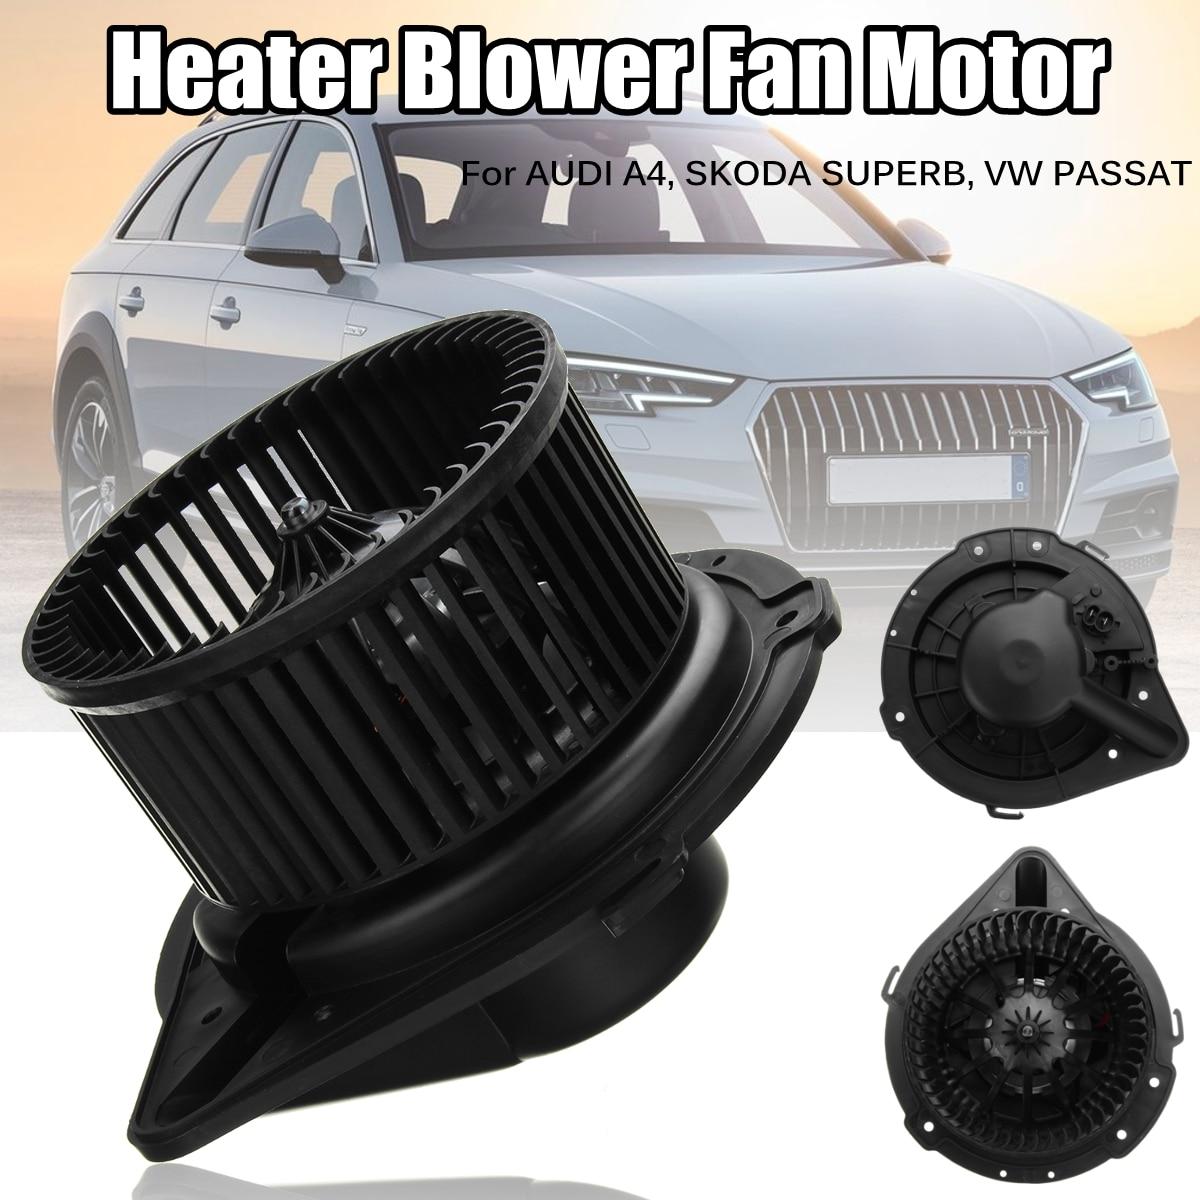 8D2820021A/8D282002 Car A/C Heater Blower Fan Motor for Audi A4/VW Passat 1996-2005 Skoda Superb 2001-2008